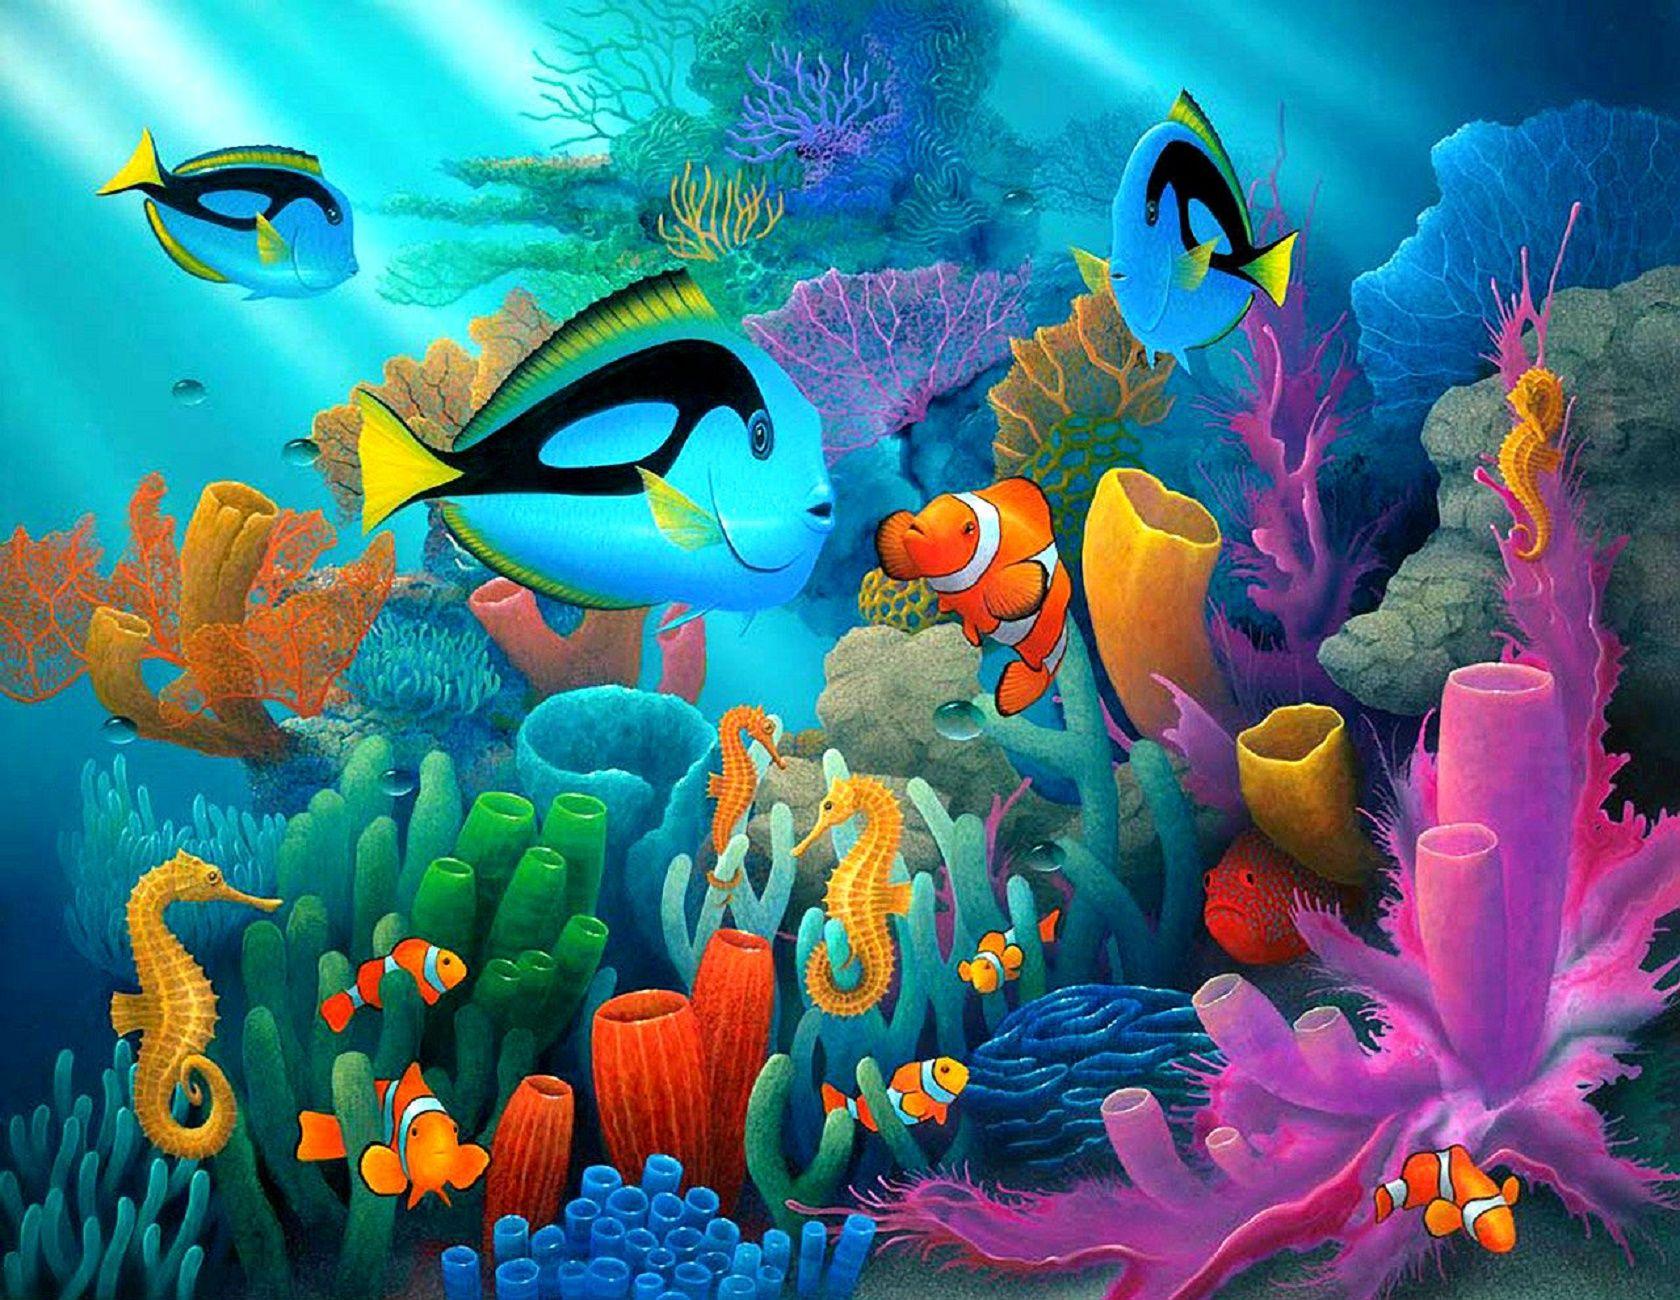 картинки сказки подводный мир автомобиля новый